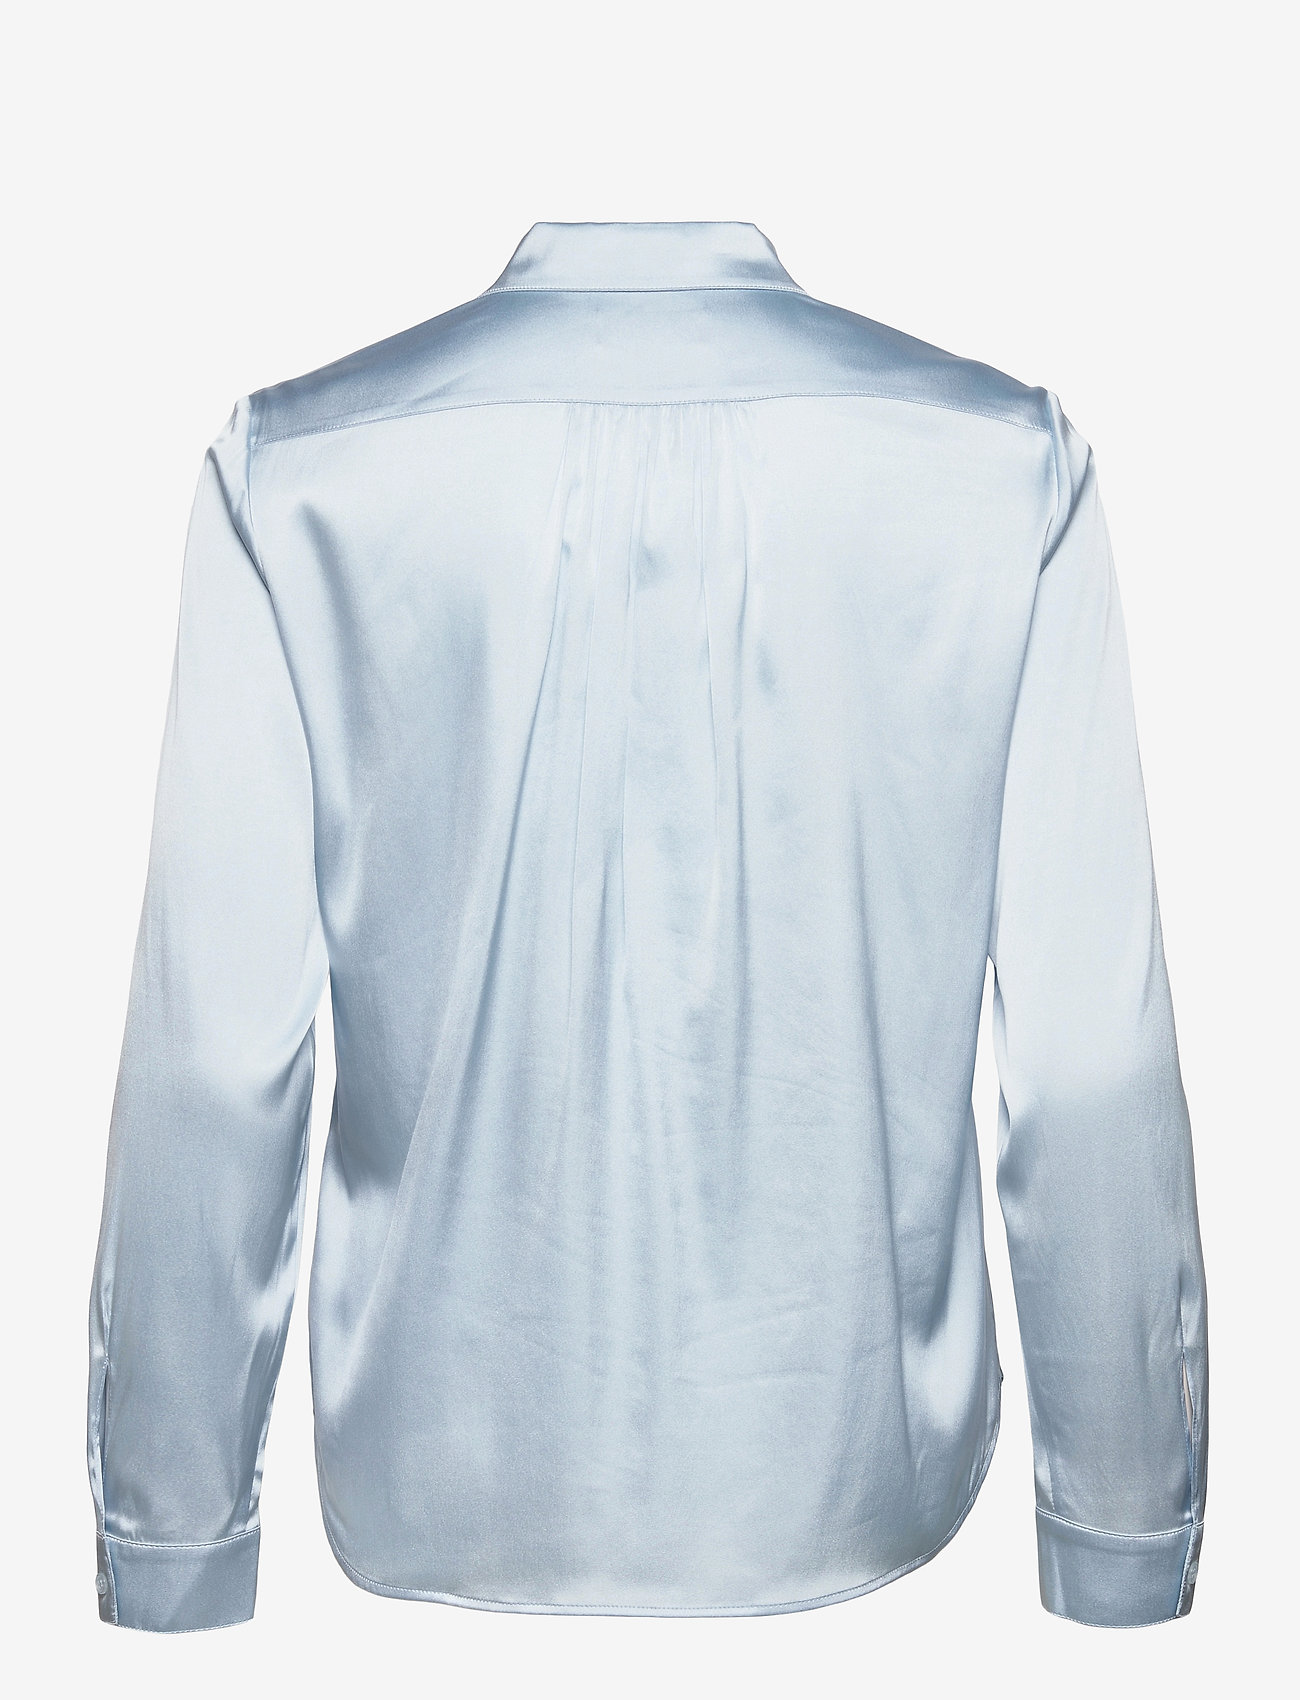 SAND - 3176 - Latia - overhemden met lange mouwen - light blue - 1